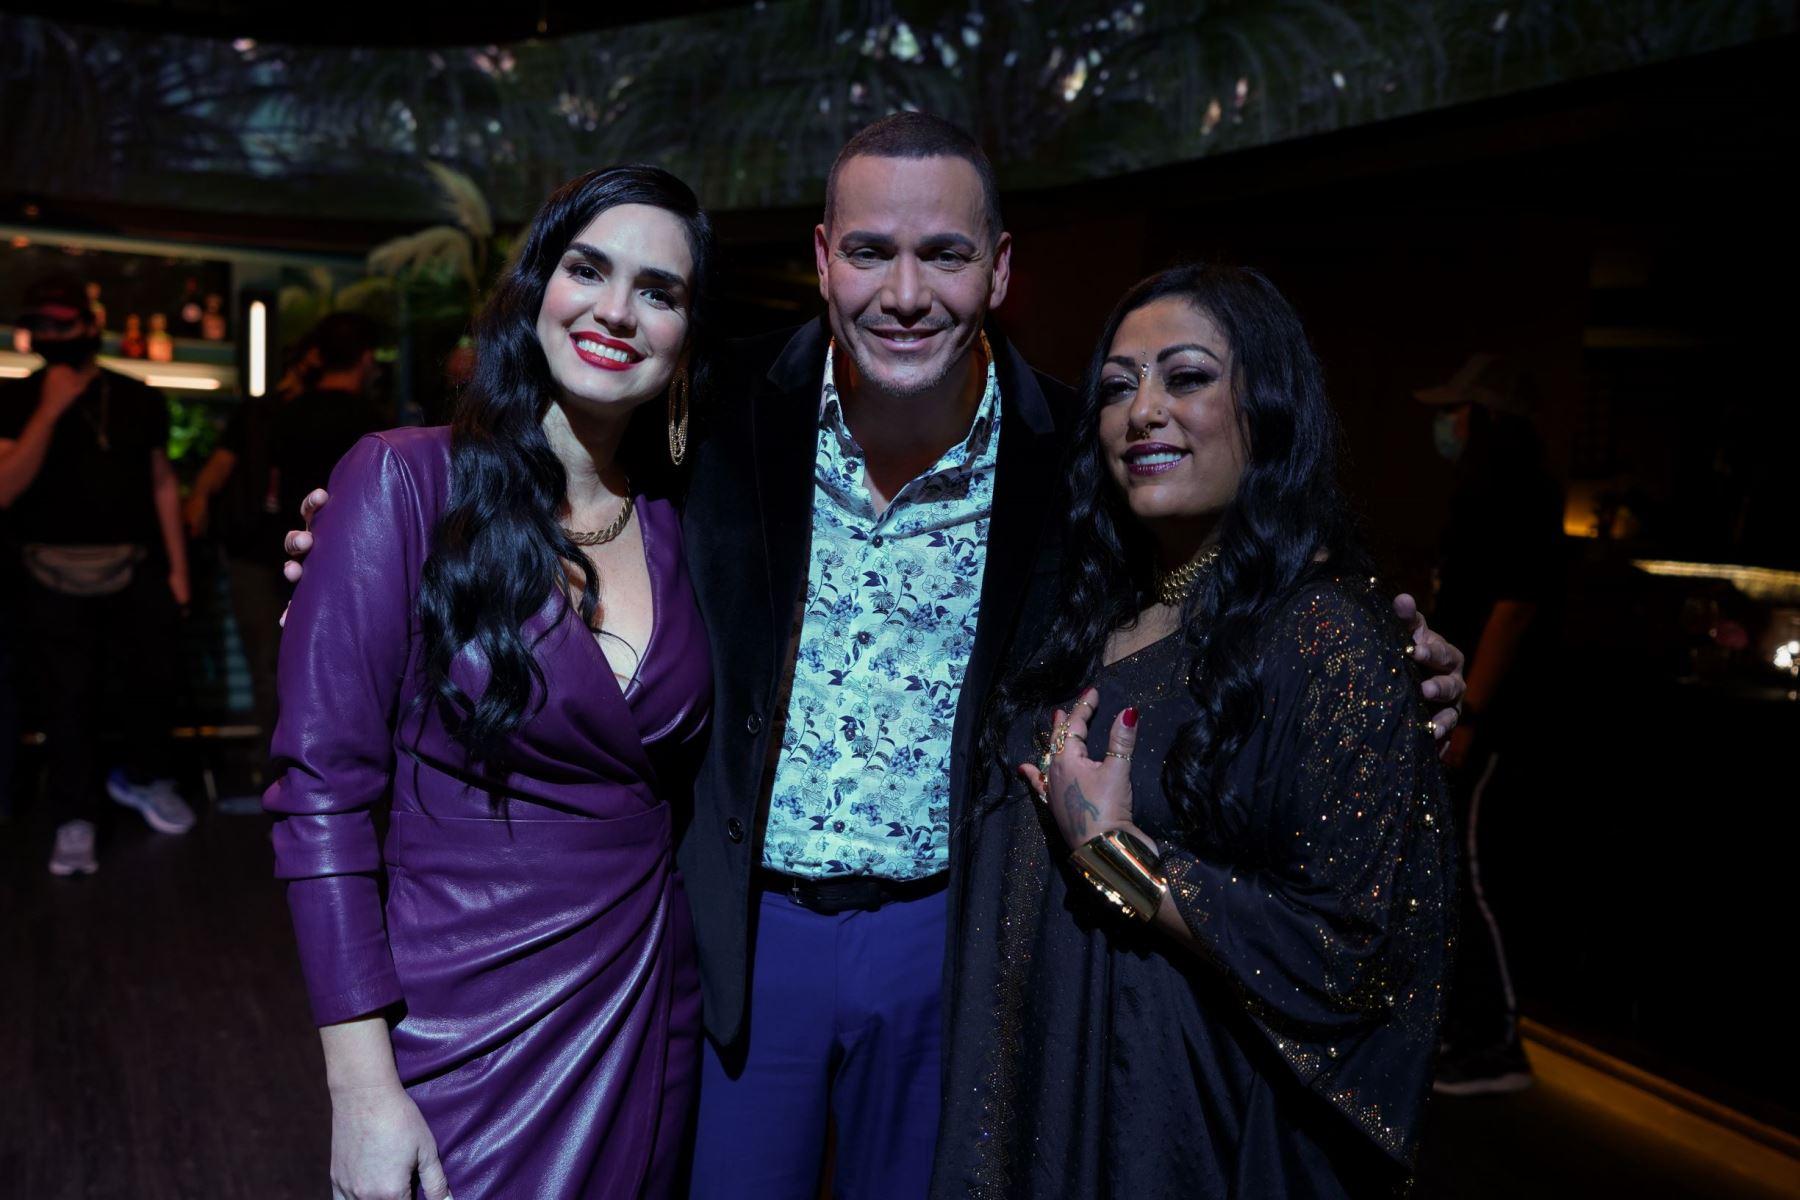 Víctor Manuelle posa junto a La India y la actriz Scarlett Ortiz, quien los acompaña en el video.